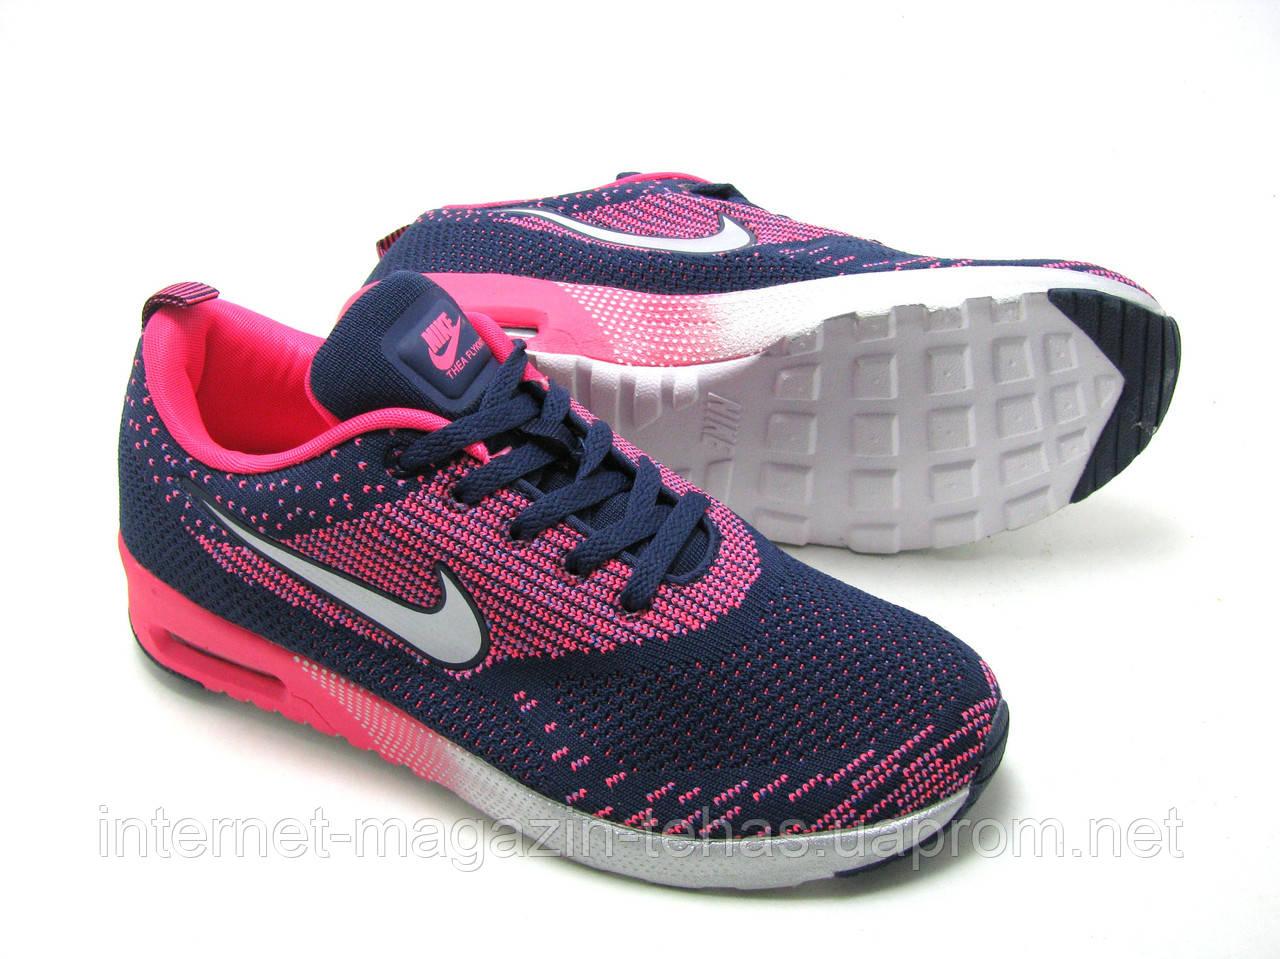 Женские кроссовки Nike Air Max Thea синие с фиолетовым - Интернет-магазин